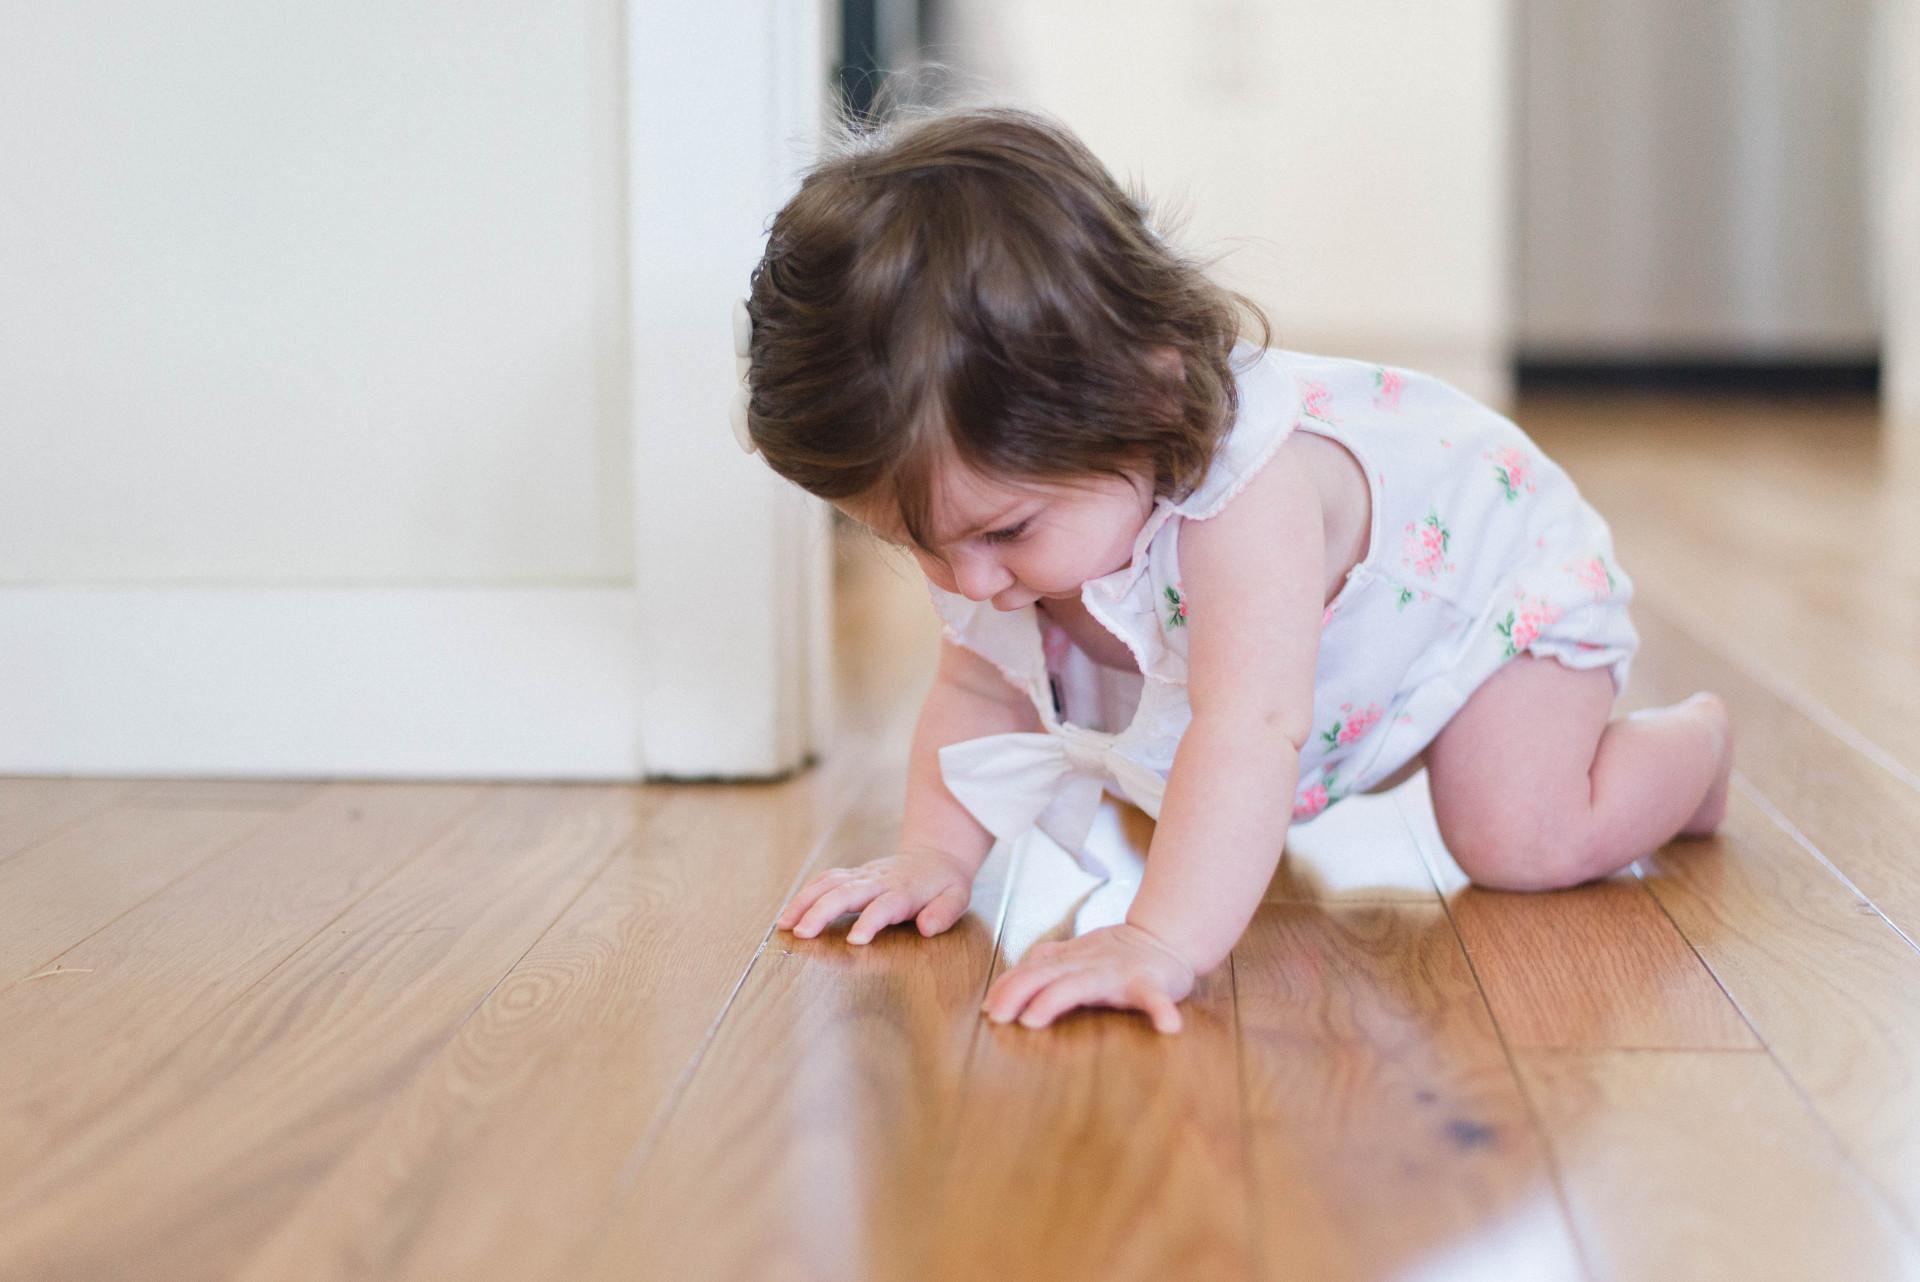 kids and hardwood floors